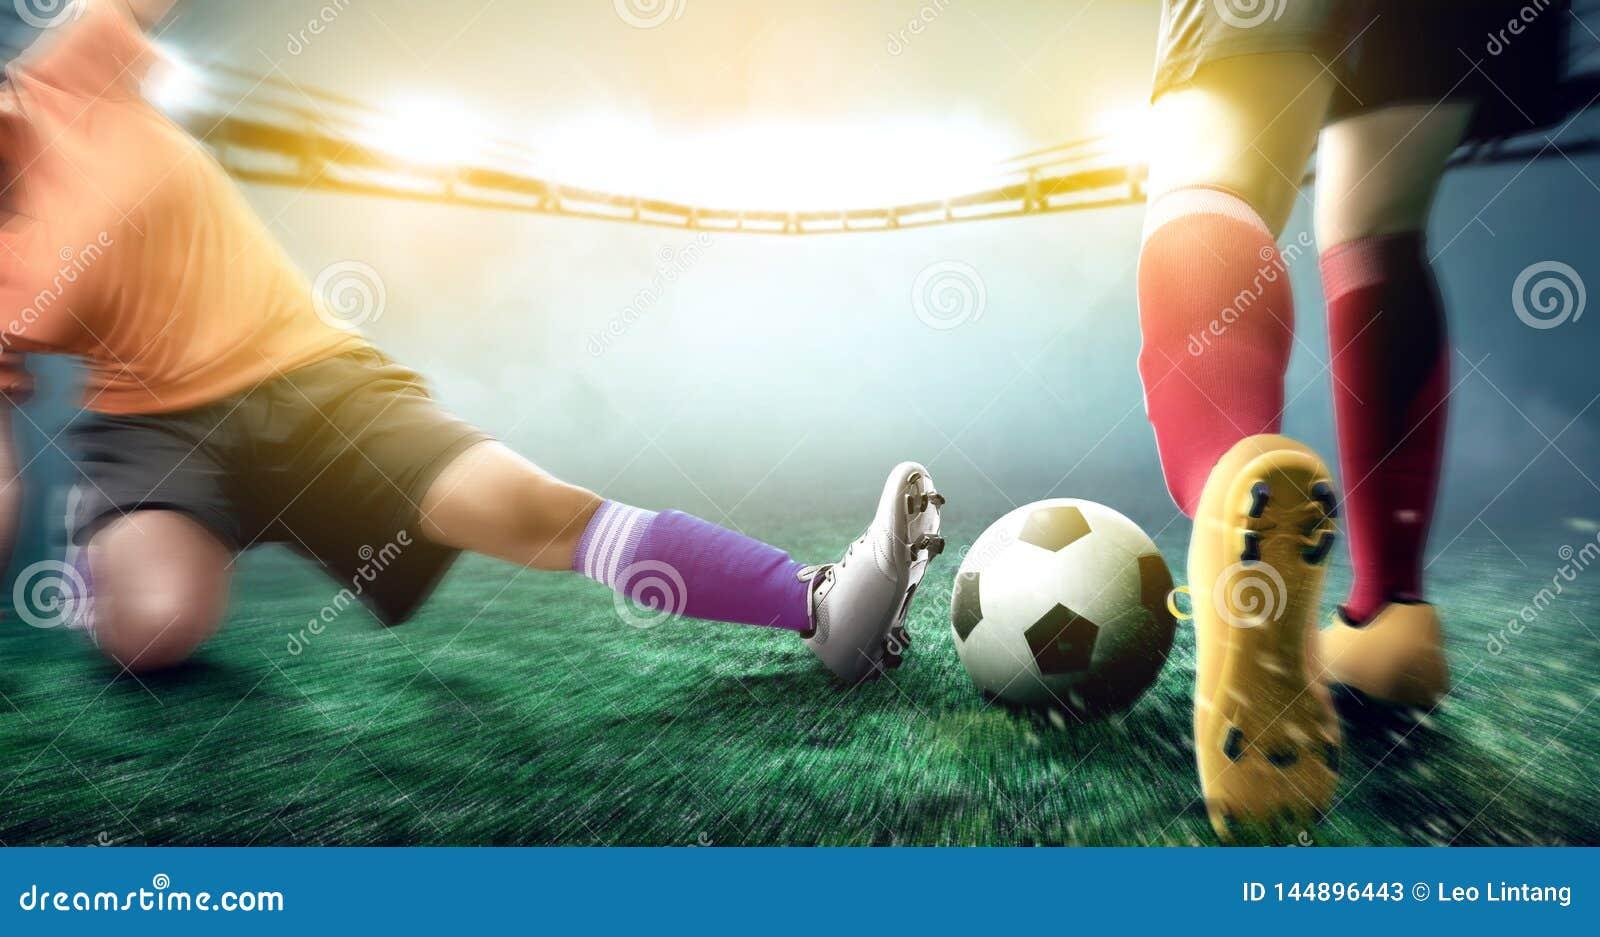 De voetbalstervrouw in oranje Jersey die pakt de bal van zijn tegenstander aan glijden